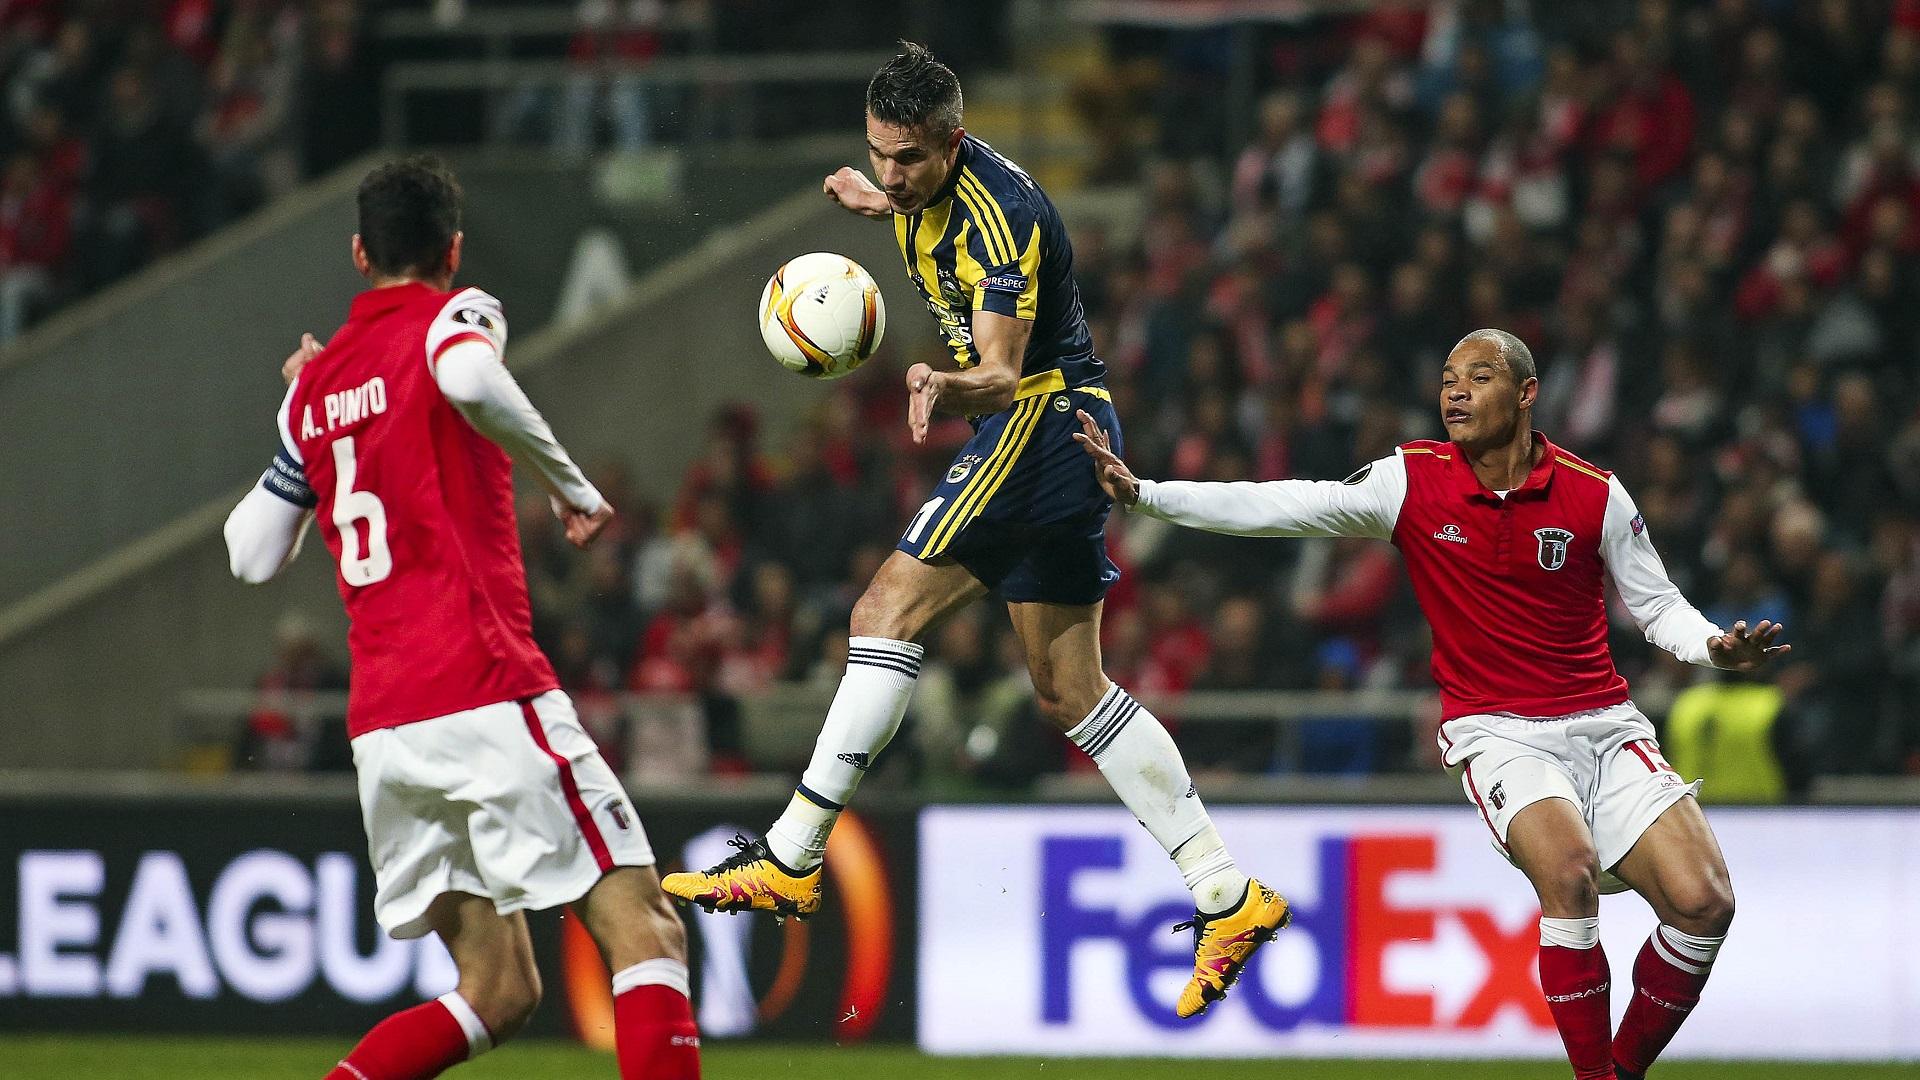 Bahis itirafı: Braga-Fenerbahçe maçı yeniden oynanacak mı?